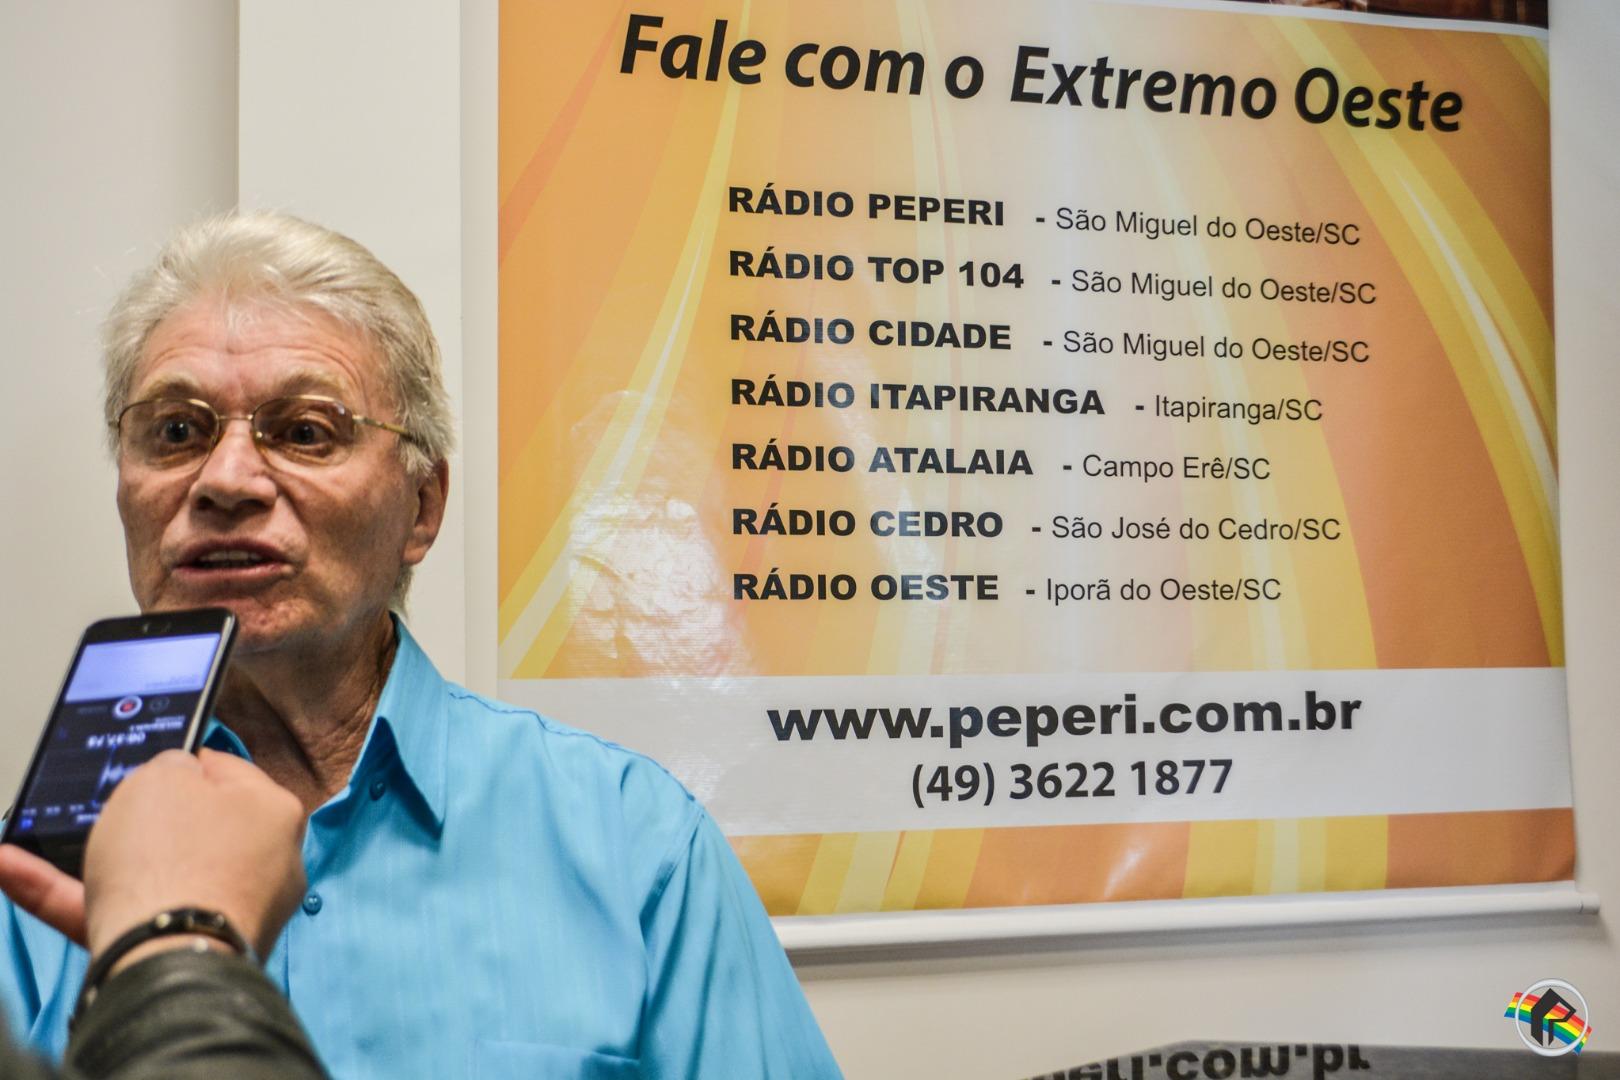 Retrato Falado conta a história do professor Ivo Lauro Dill